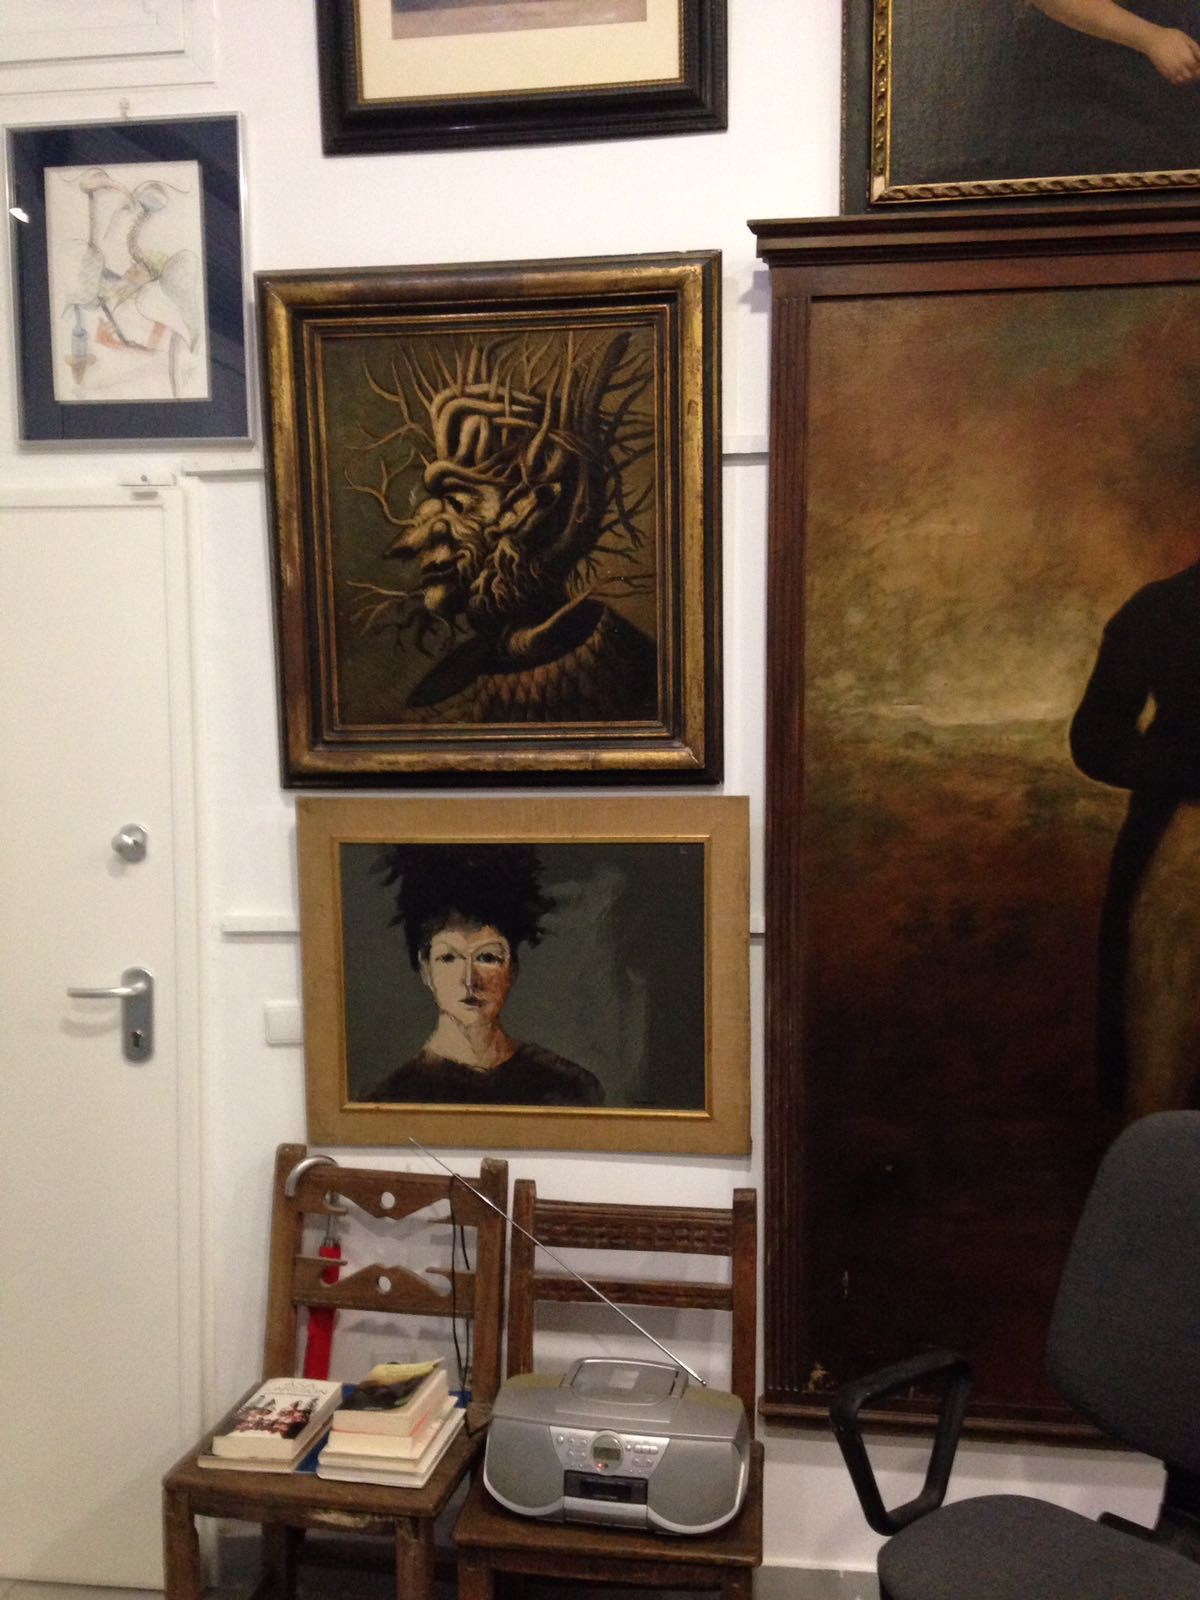 Foto 72 de Galerías de arte y salas de exposiciones en Cartagena | Arte & Antigüedades Federico Robles Perez